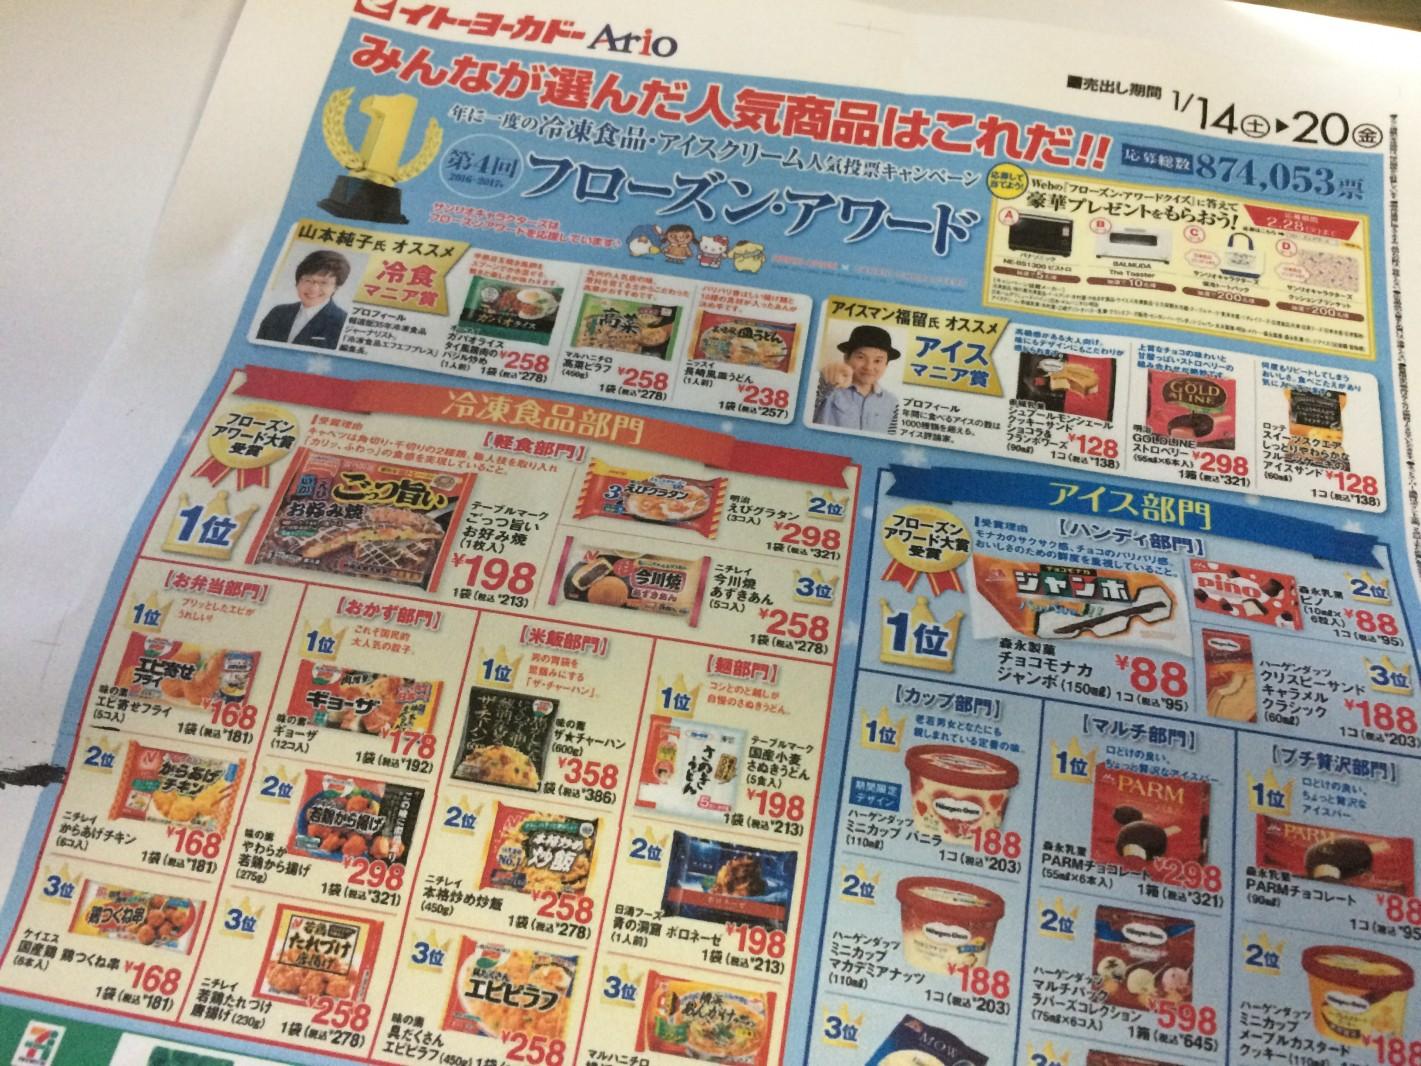 イトーヨーカドーでフローズン・アワード受賞商品をどうぞ! 山本純子「マニア賞」商品もあります。